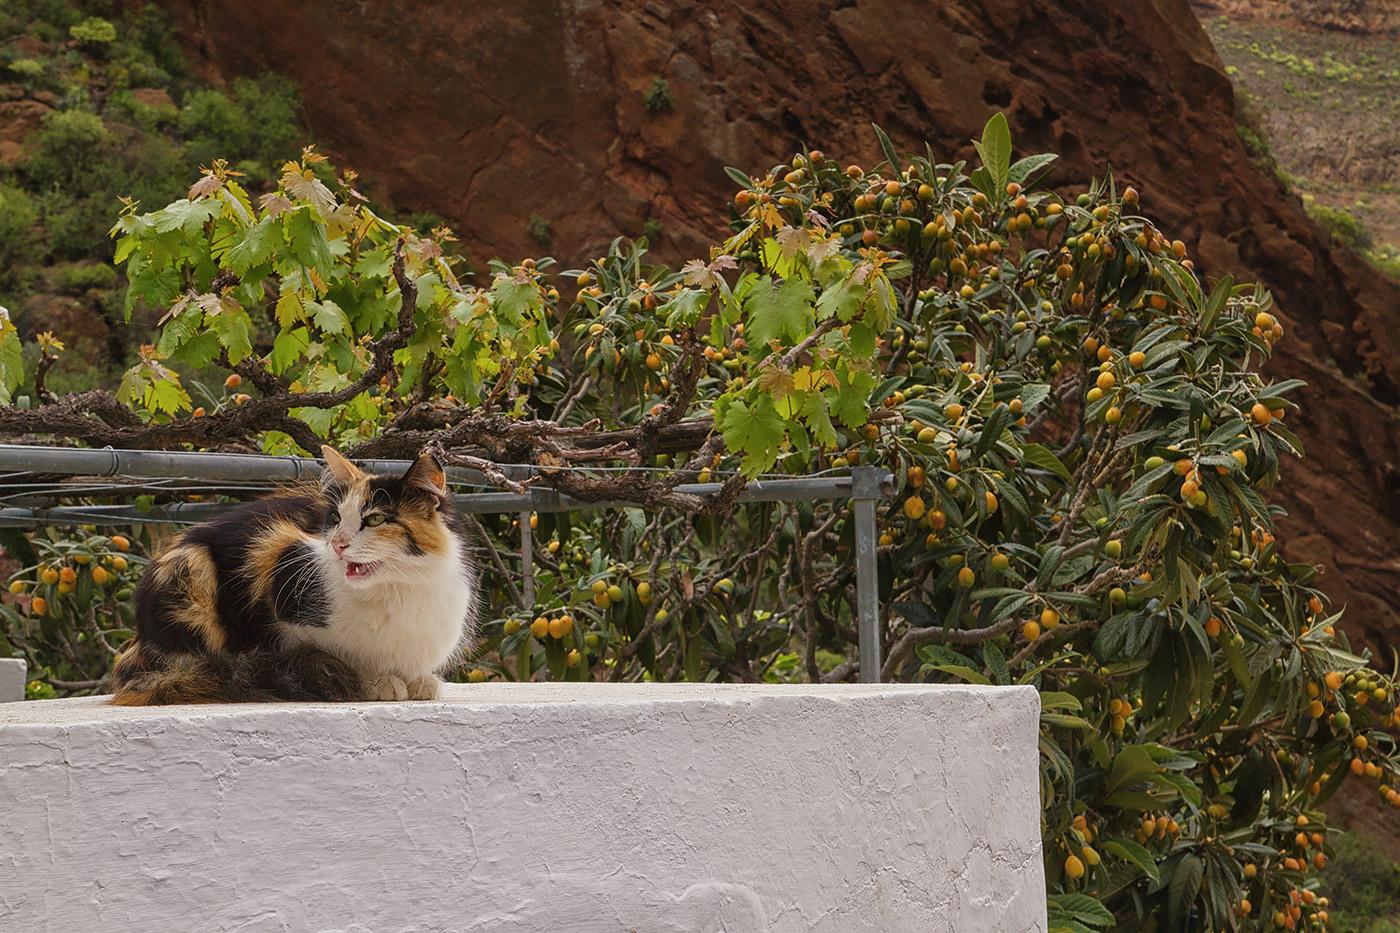 Gran Canaria - Katze auf Mauer